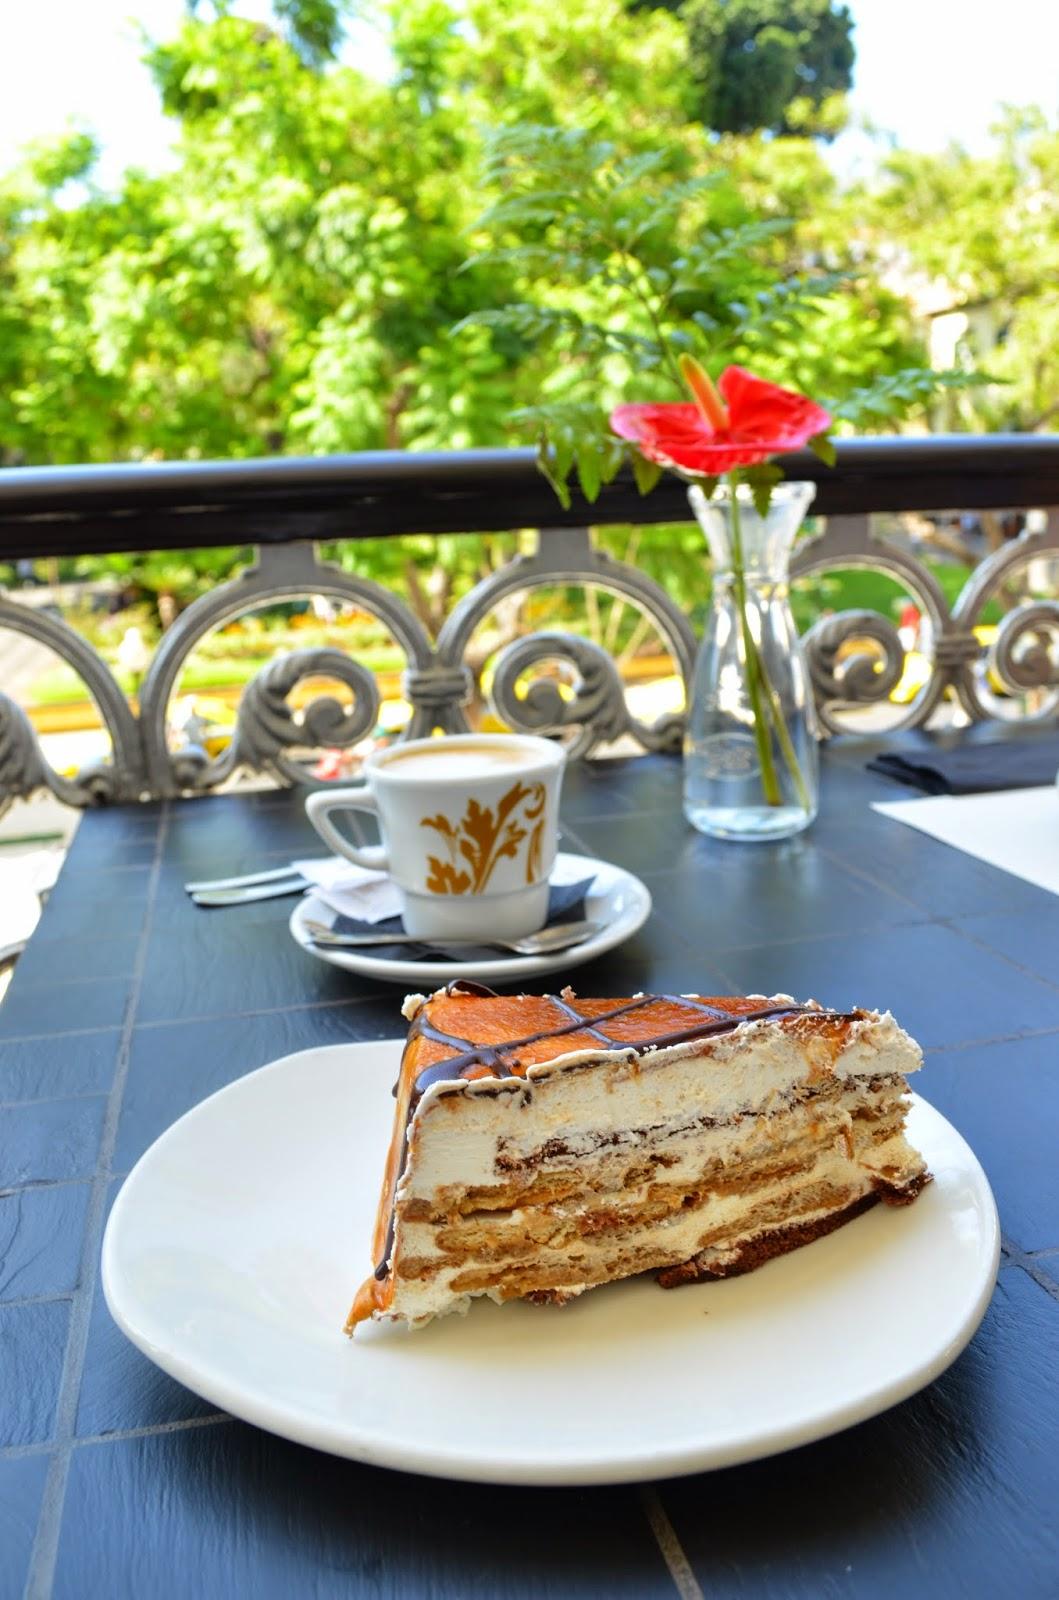 MI ruta gastronómica por Madeira: Tarta de caramelo y galletas-Hotel Ritz de Madeira